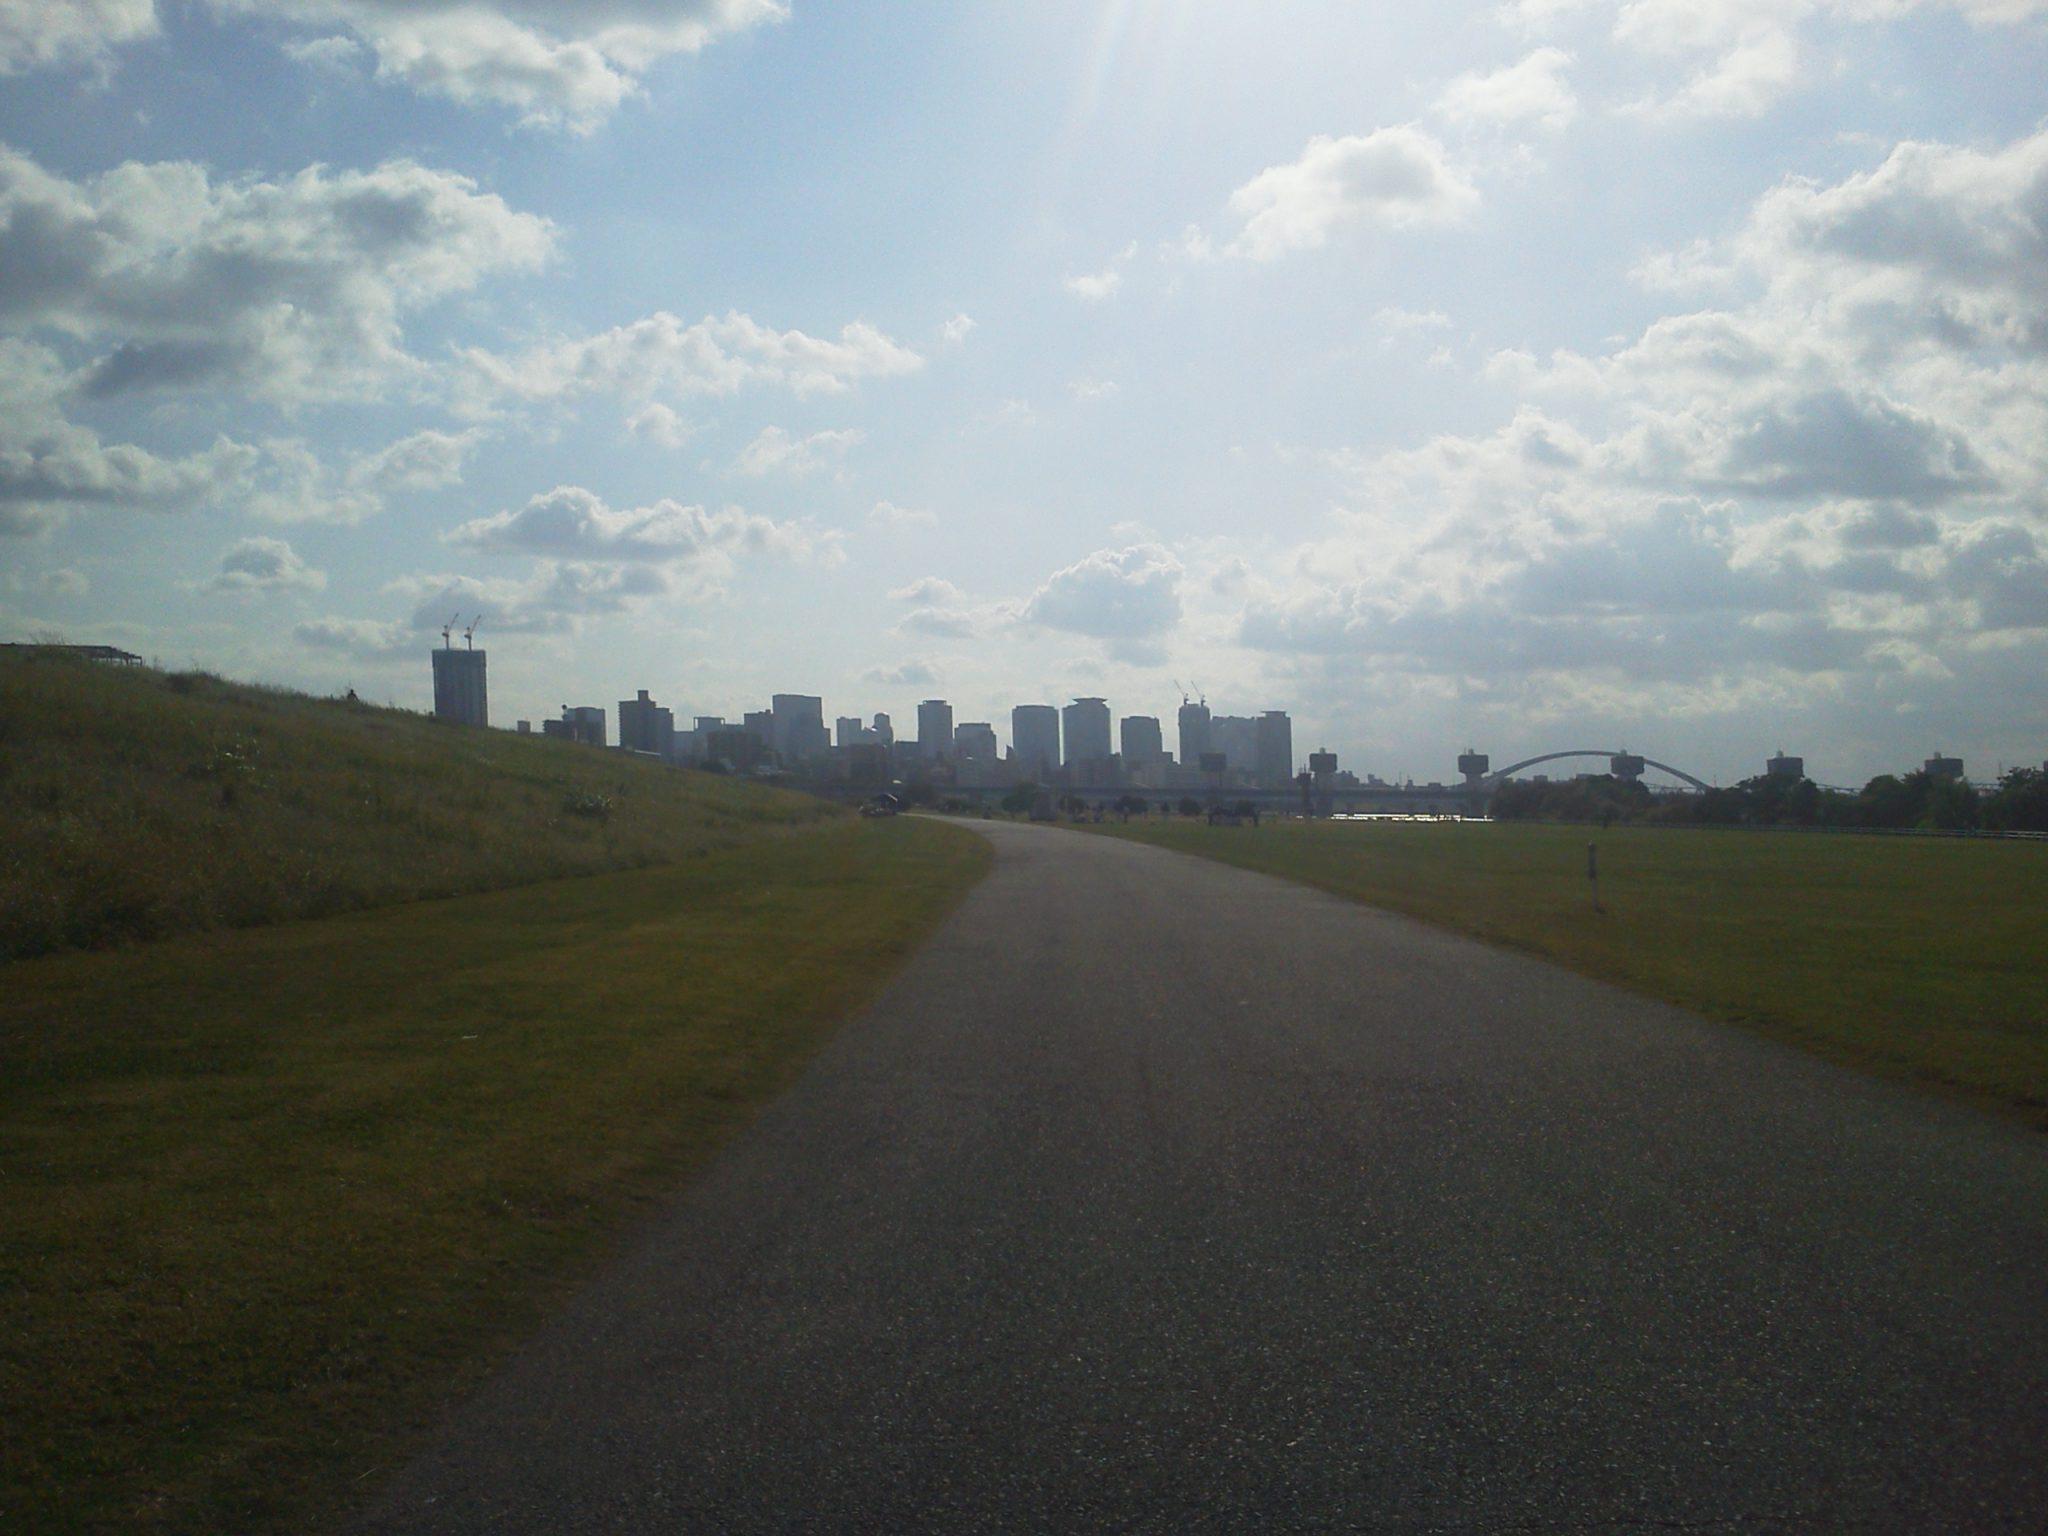 2012-10-07_14.40.31_NEC-102_Yodogawa_cycling